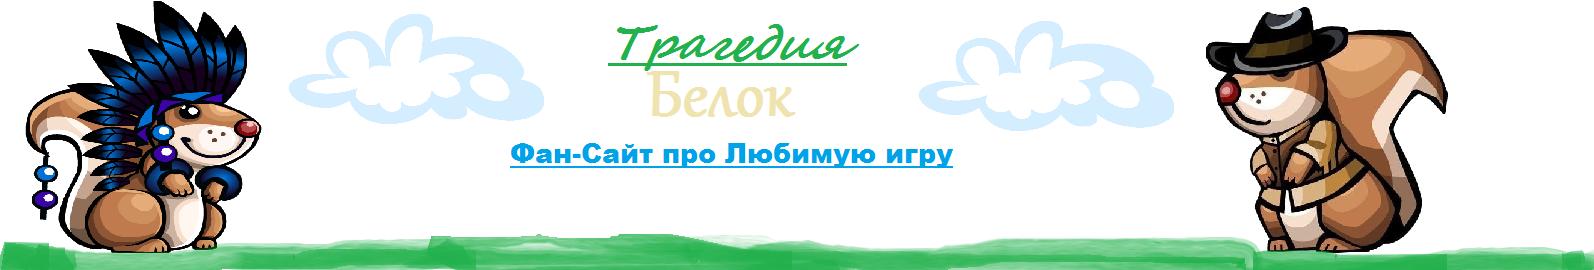 http://tragidiyabelok.ucoz.ru/tb_refoljucija.png